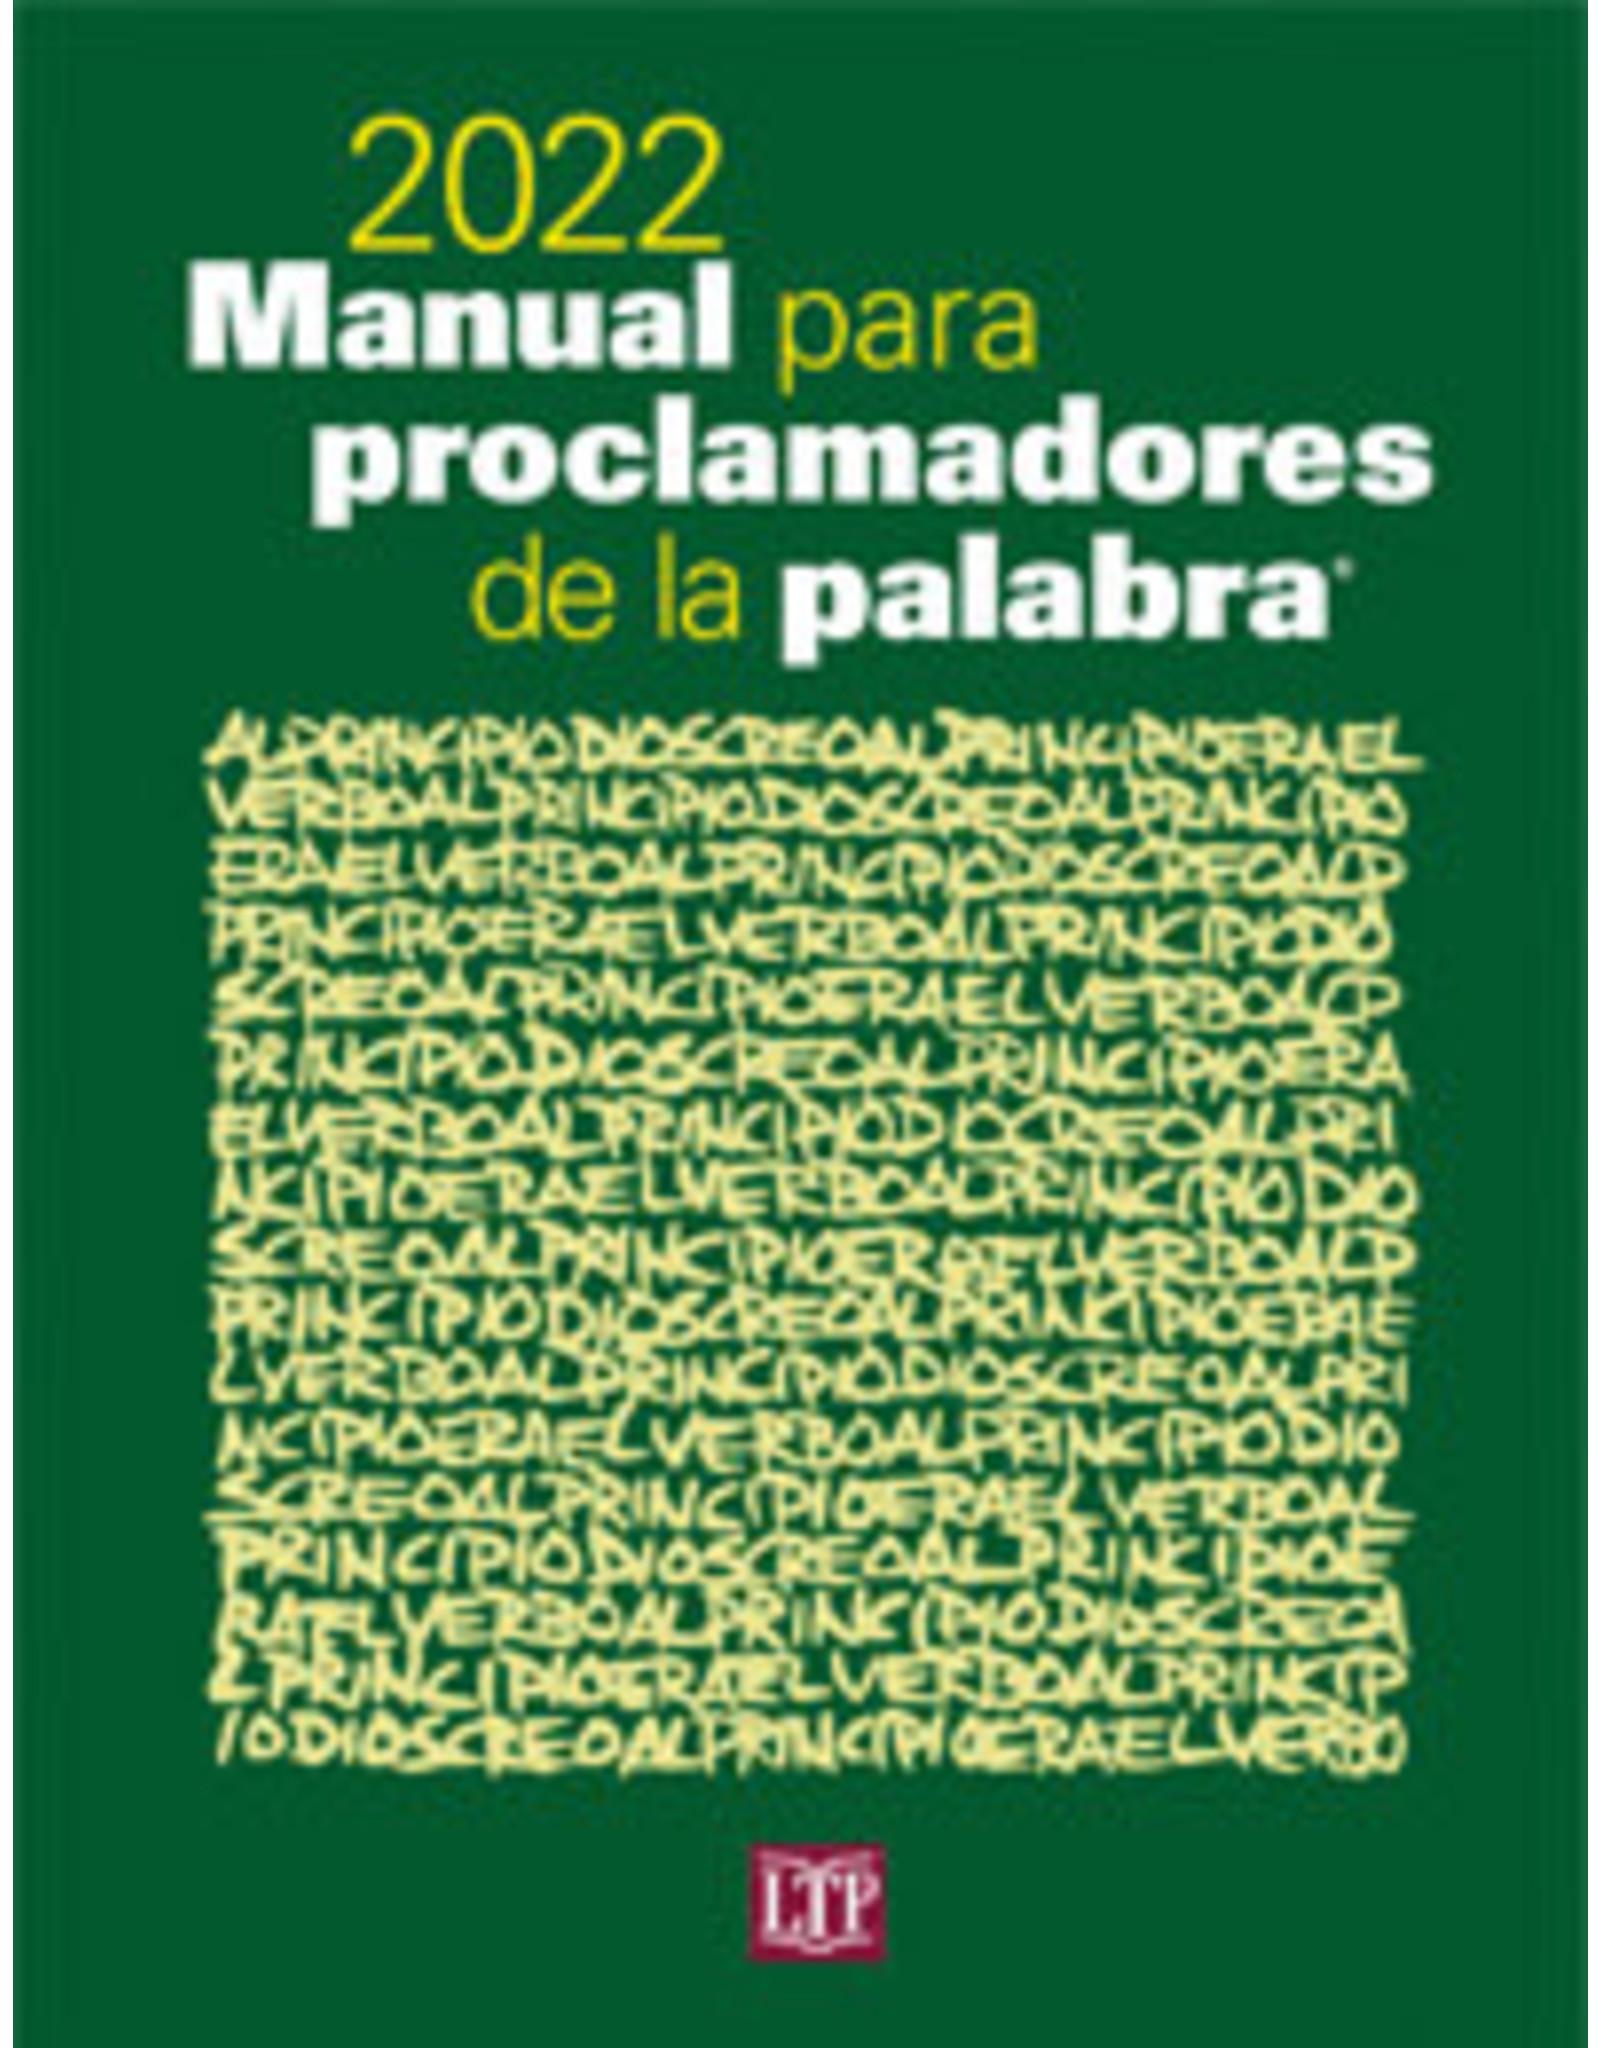 2022 Manual para Proclamadores de la Palabra